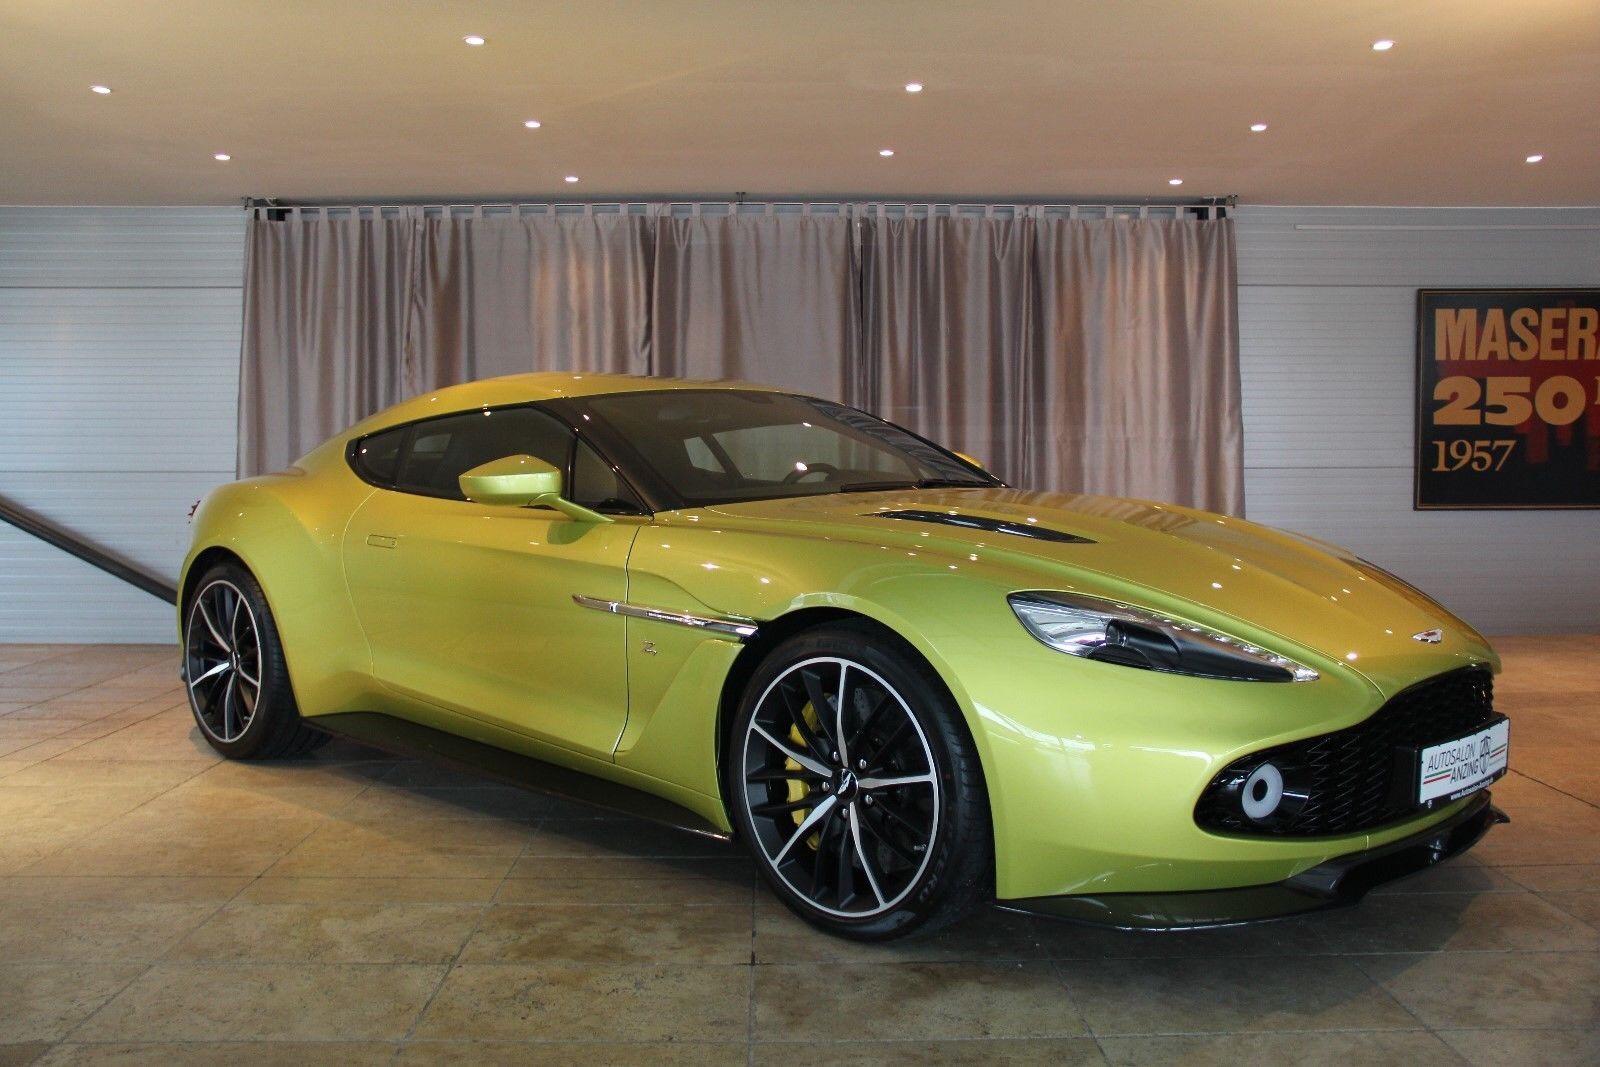 Yellow Aston Martin Vanquish Zagato